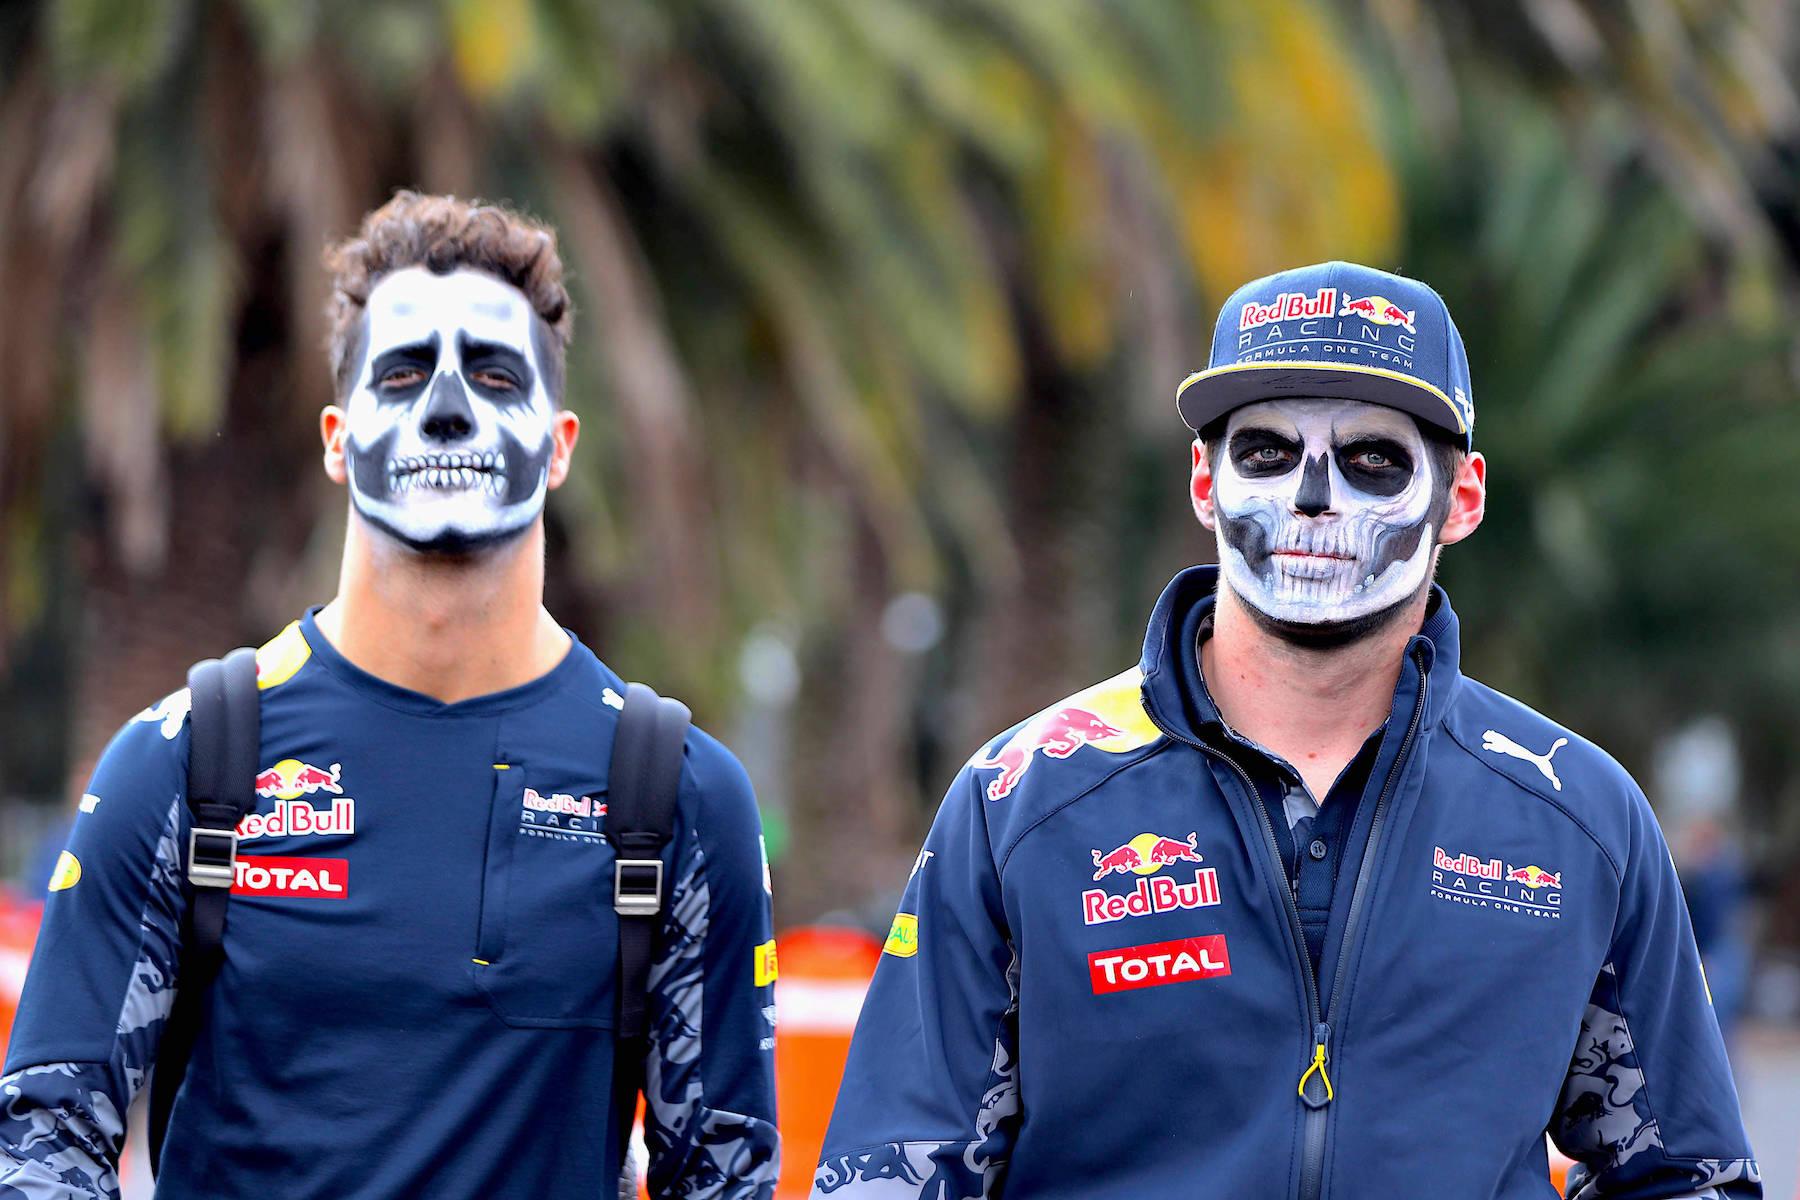 Salracing - Red Bull drivers